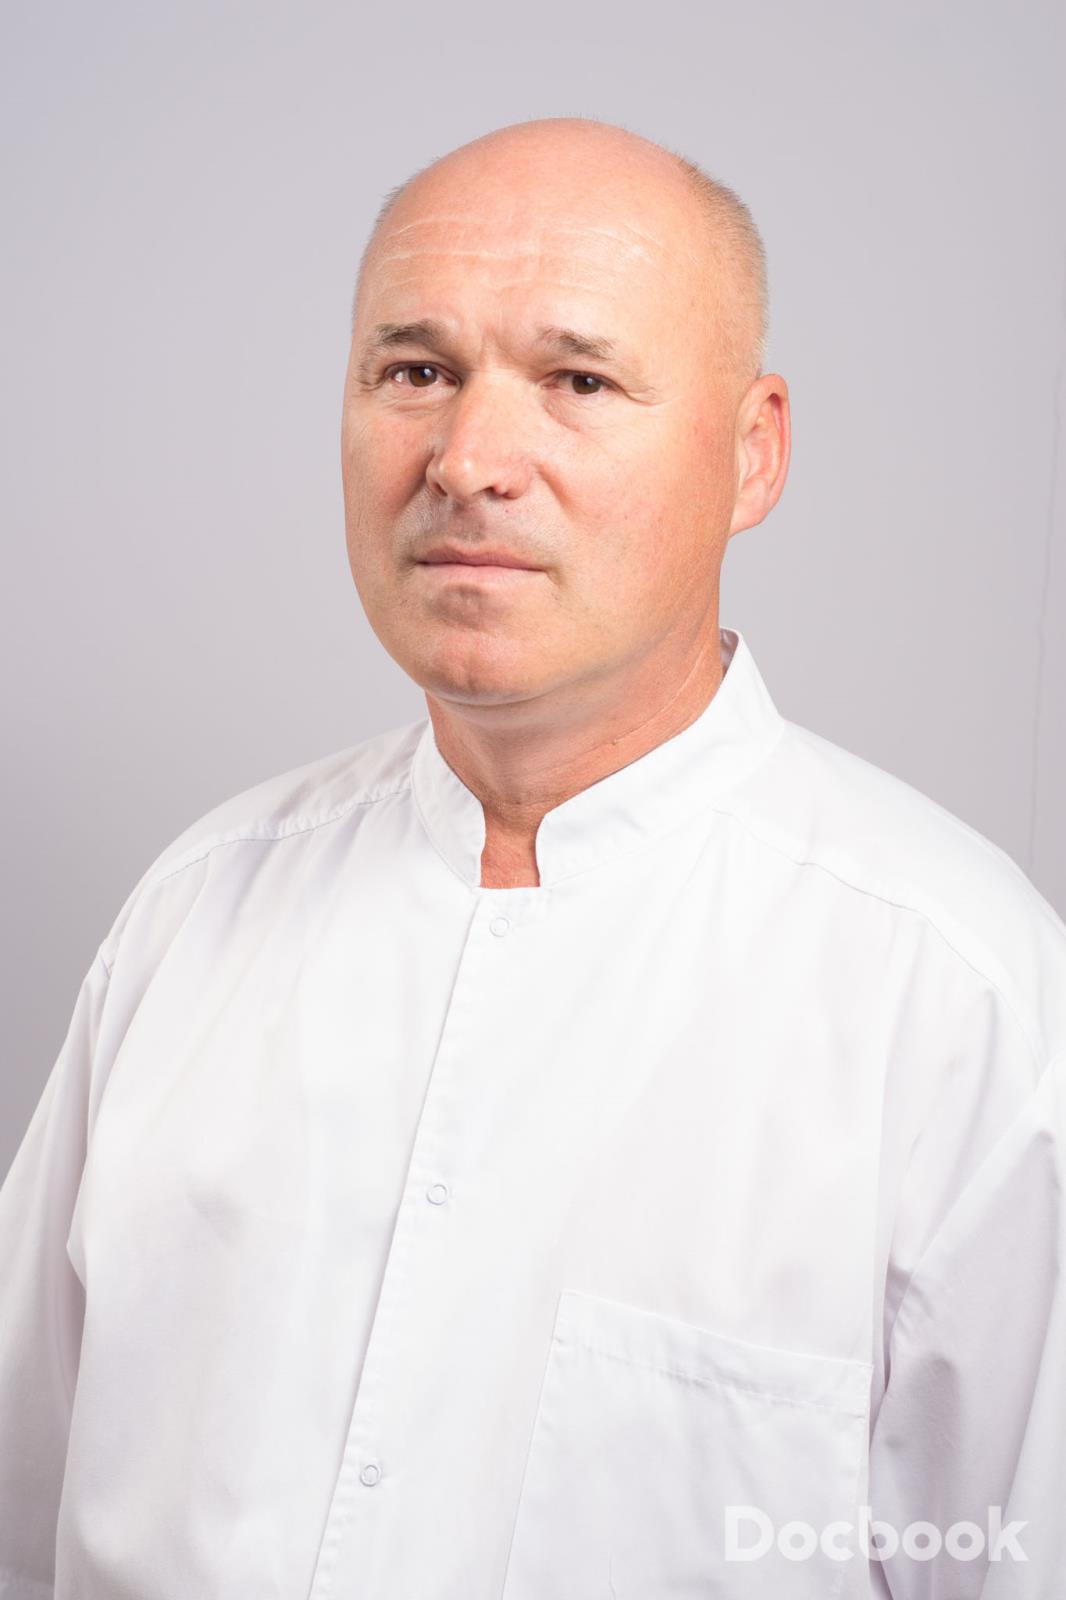 Dr. Grigore Borsciov